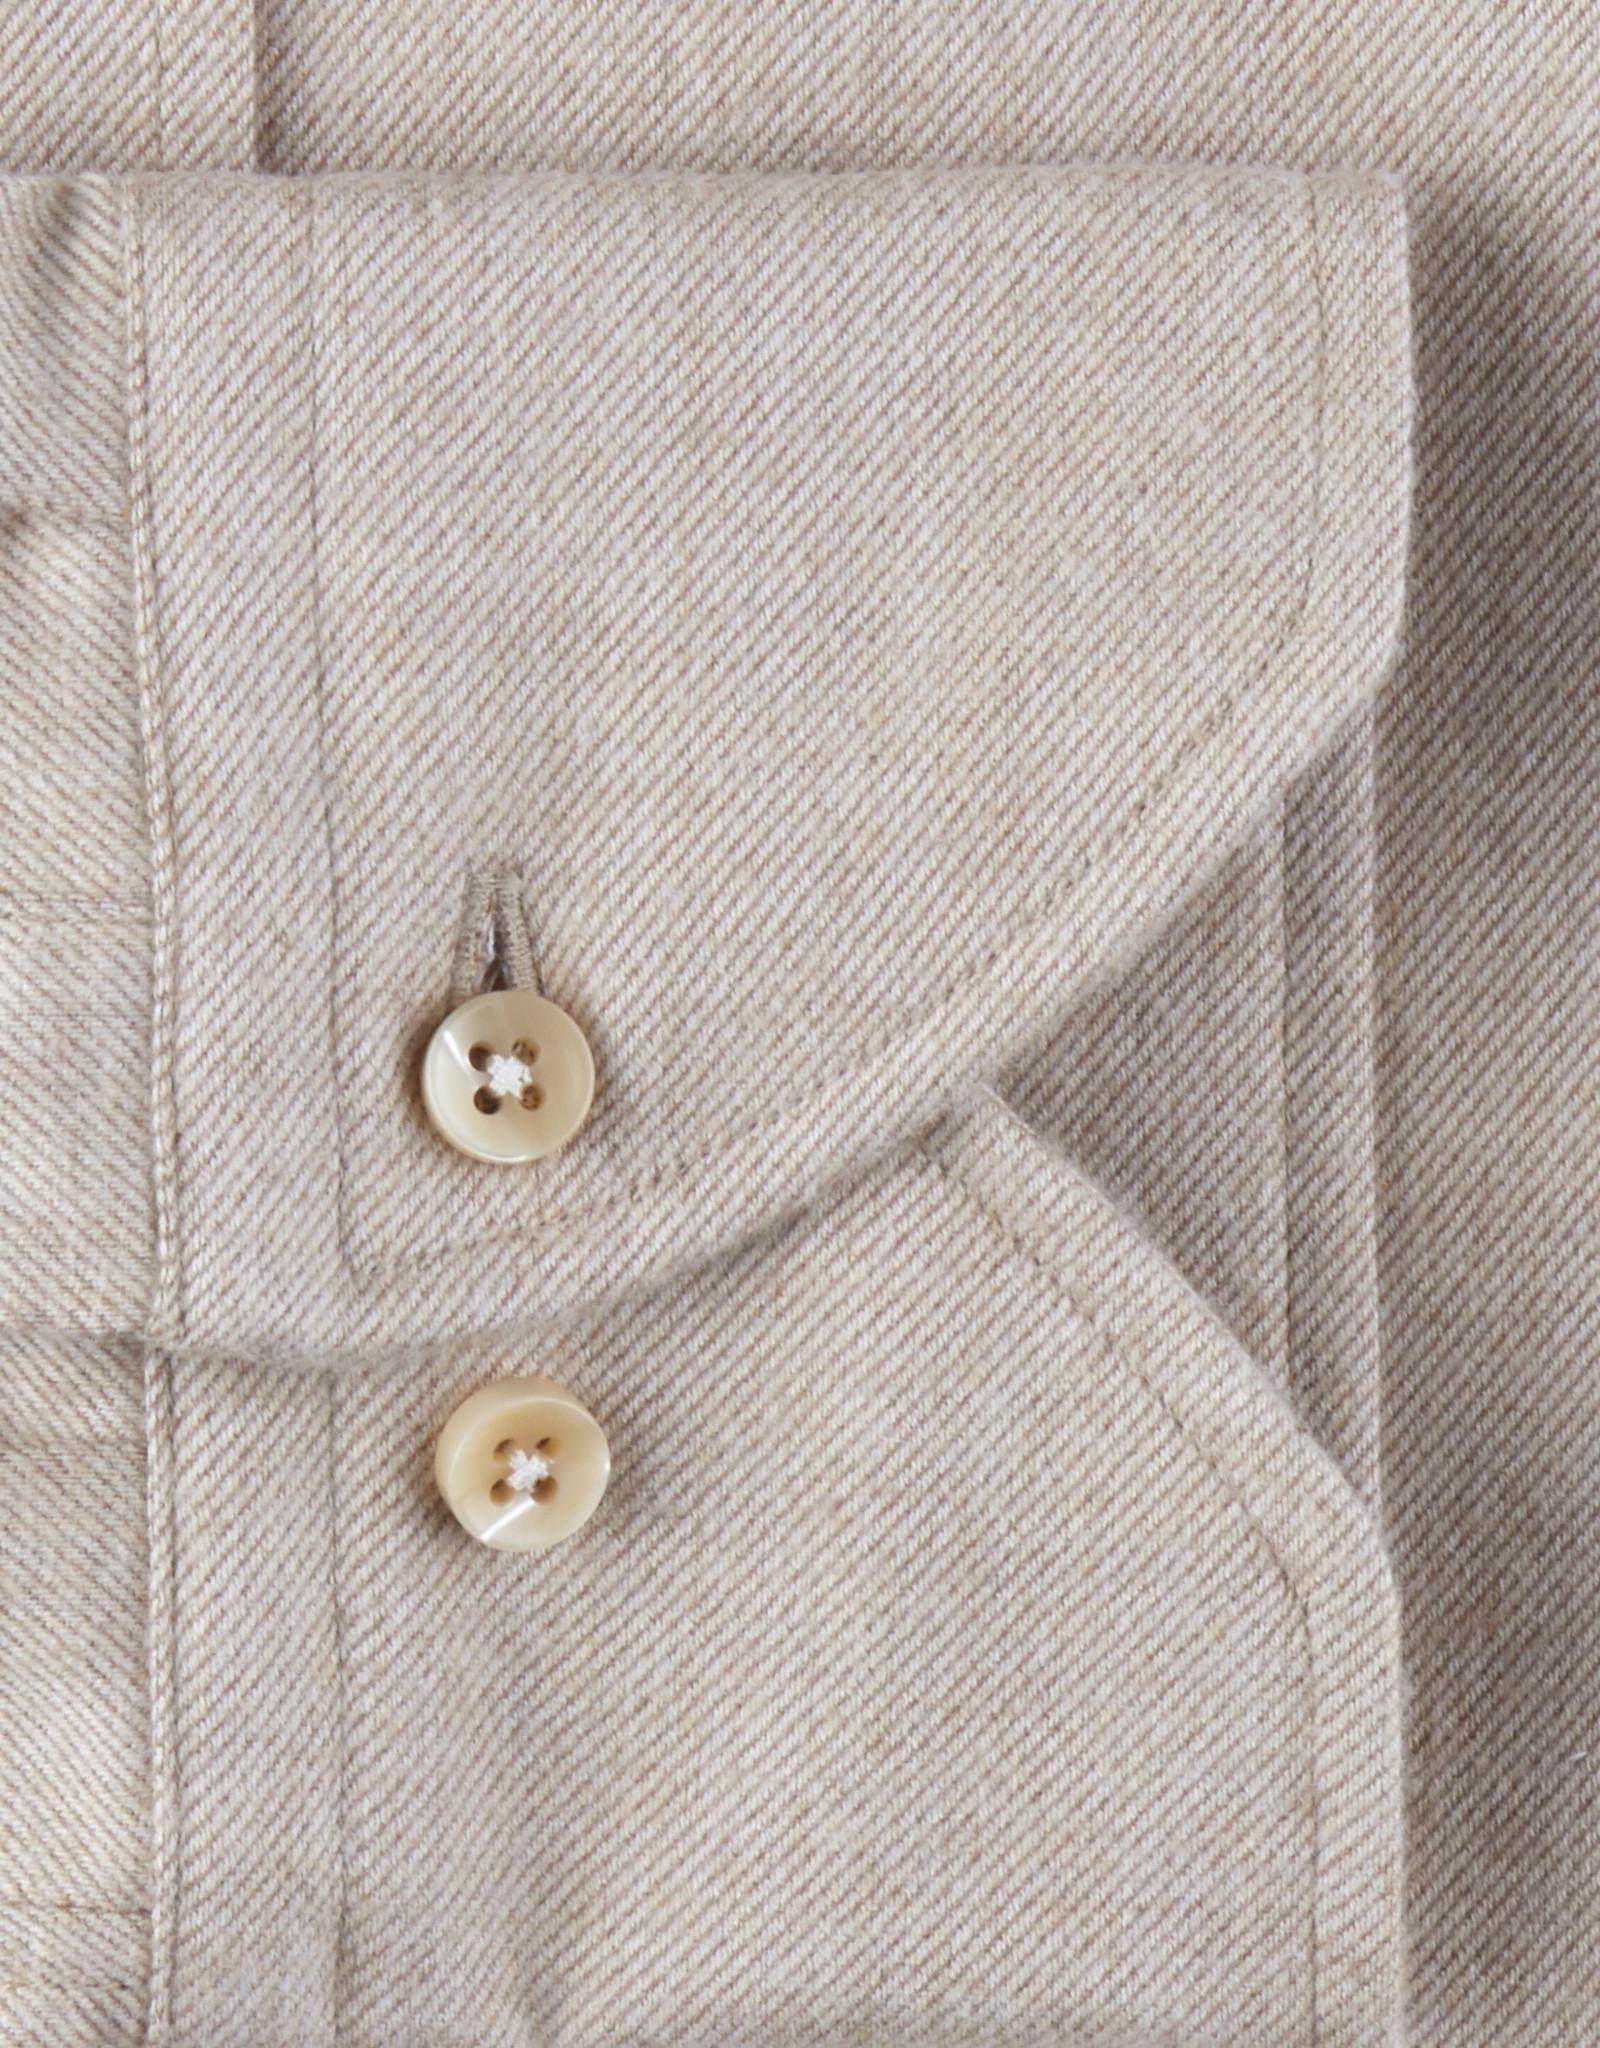 Stenströms Stenströms hemd beige Slimline 712261-7635/230